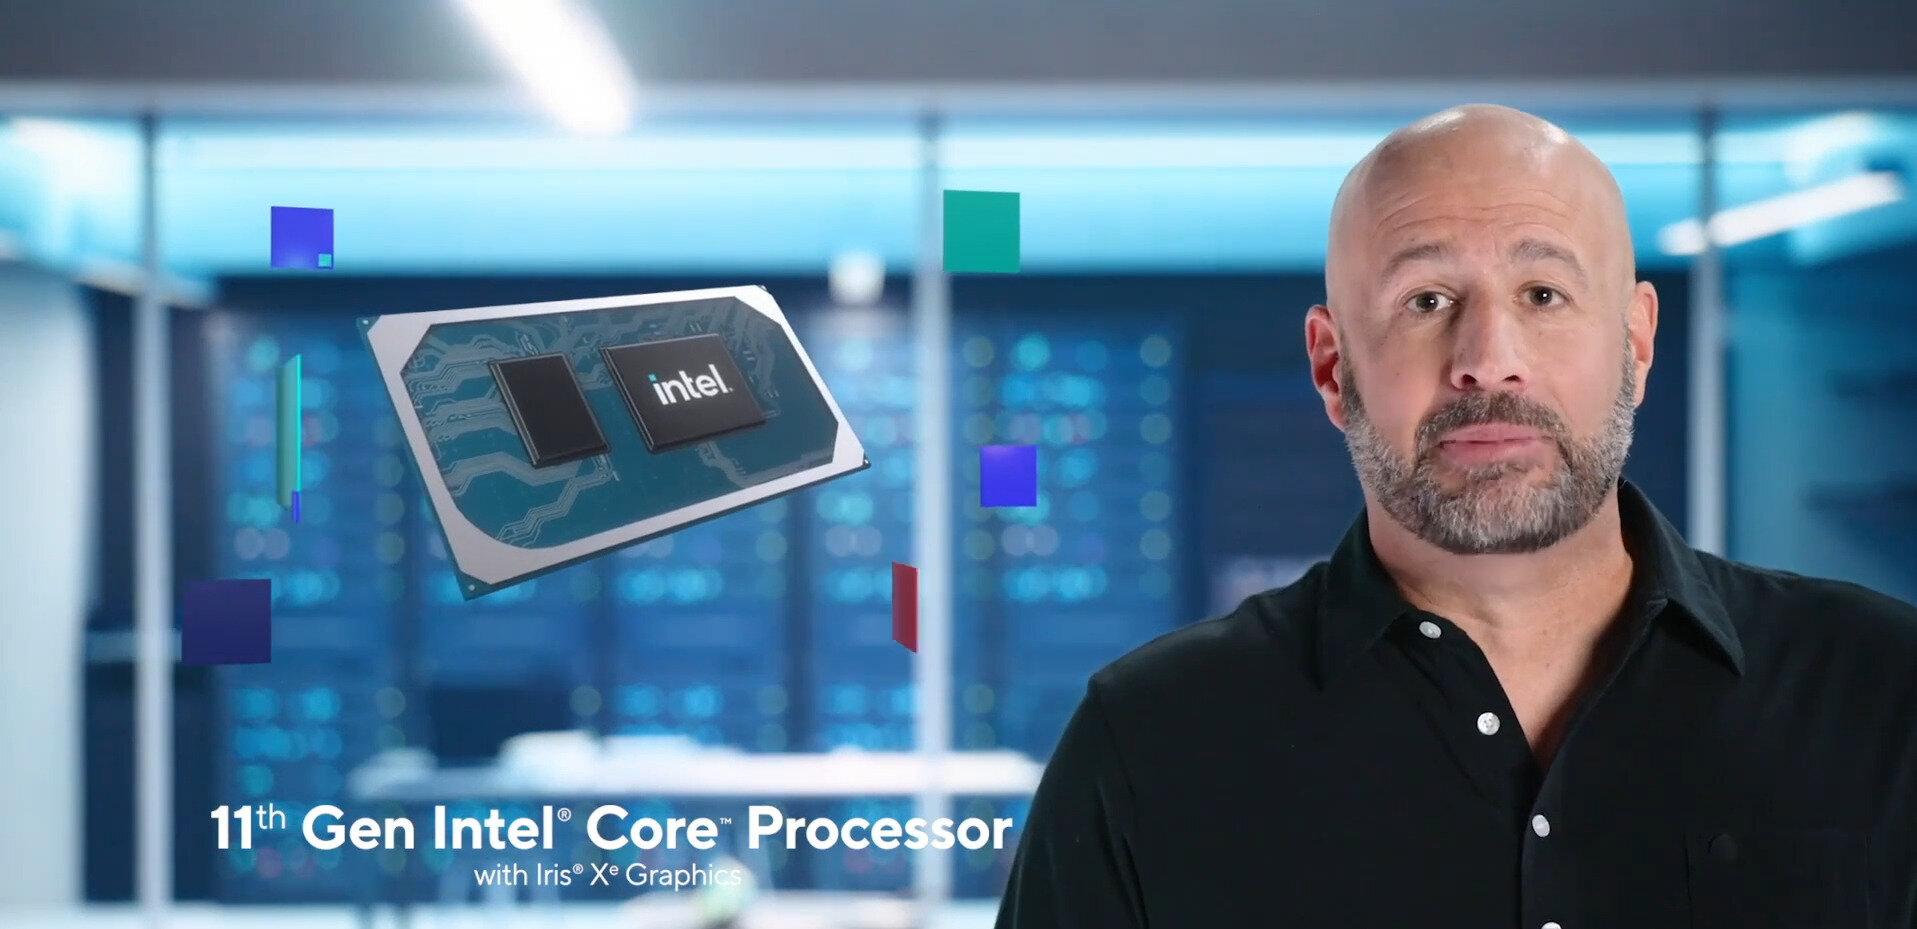 Intel dévoile 9 processeurs mobiles Tiger Lake (11e génération), projet Athena devient Evo